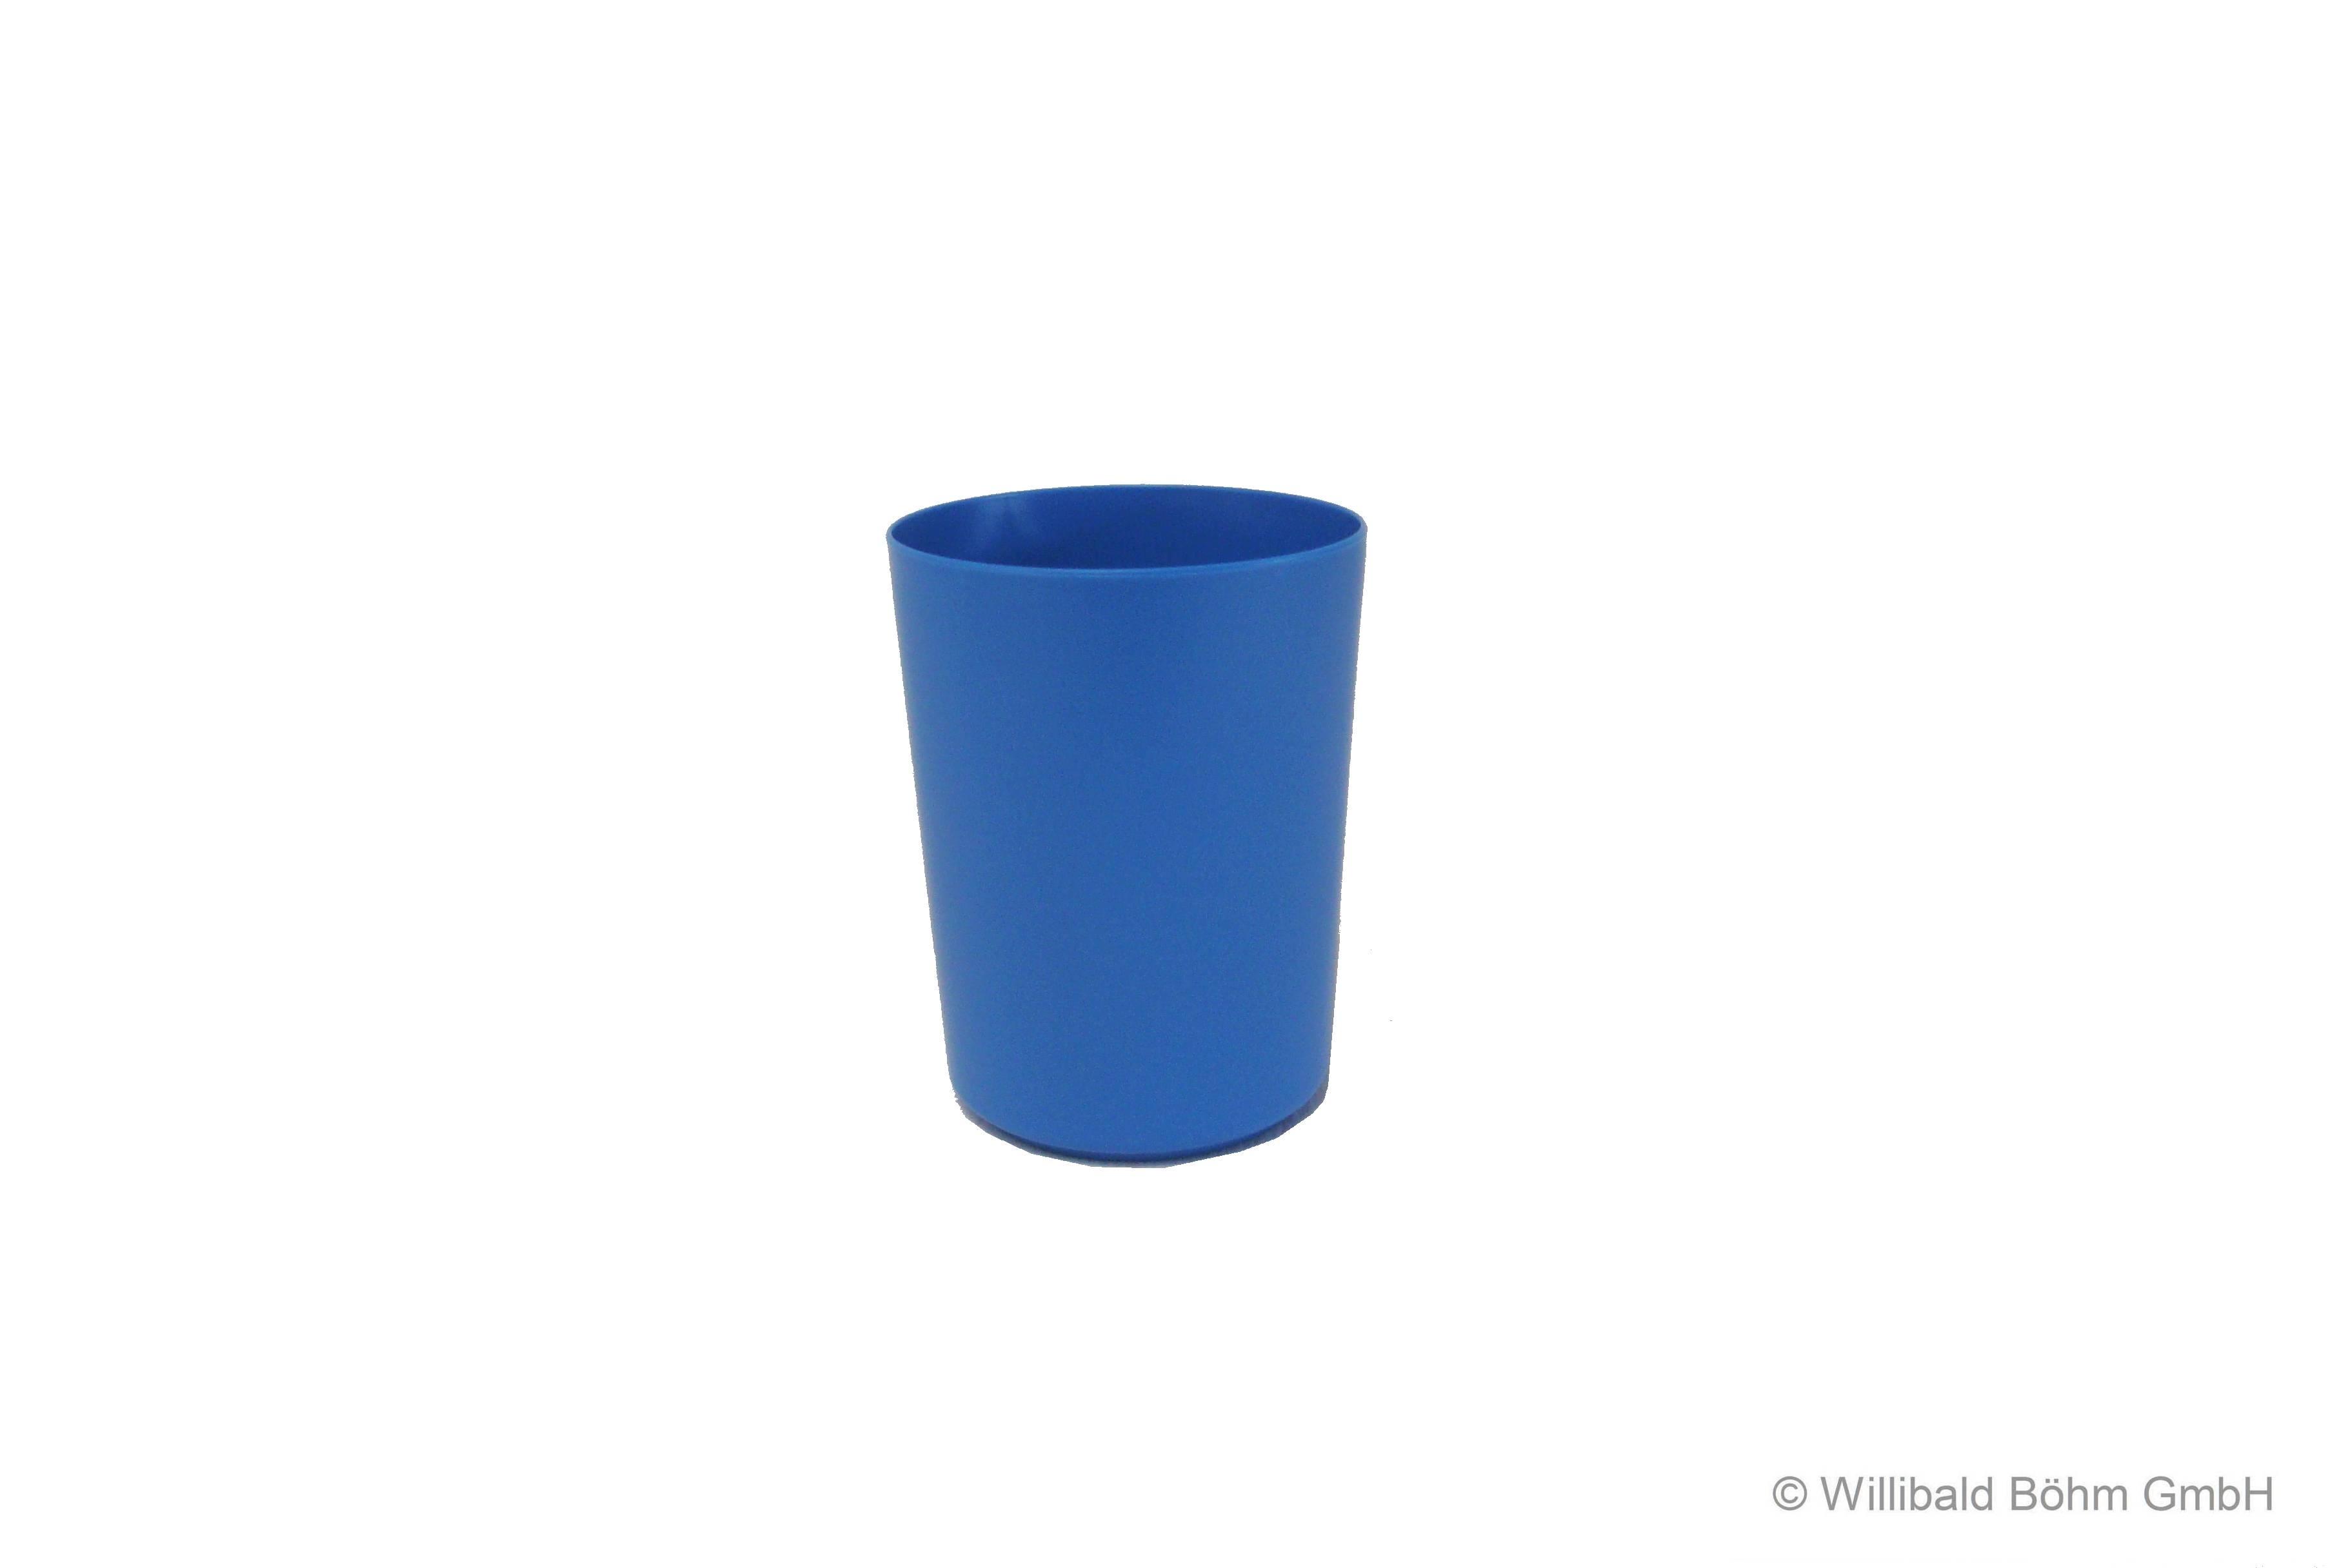 becher d nnwandig 0 2 l pastell blau essen trinken haushaltswaren der marke sonja. Black Bedroom Furniture Sets. Home Design Ideas